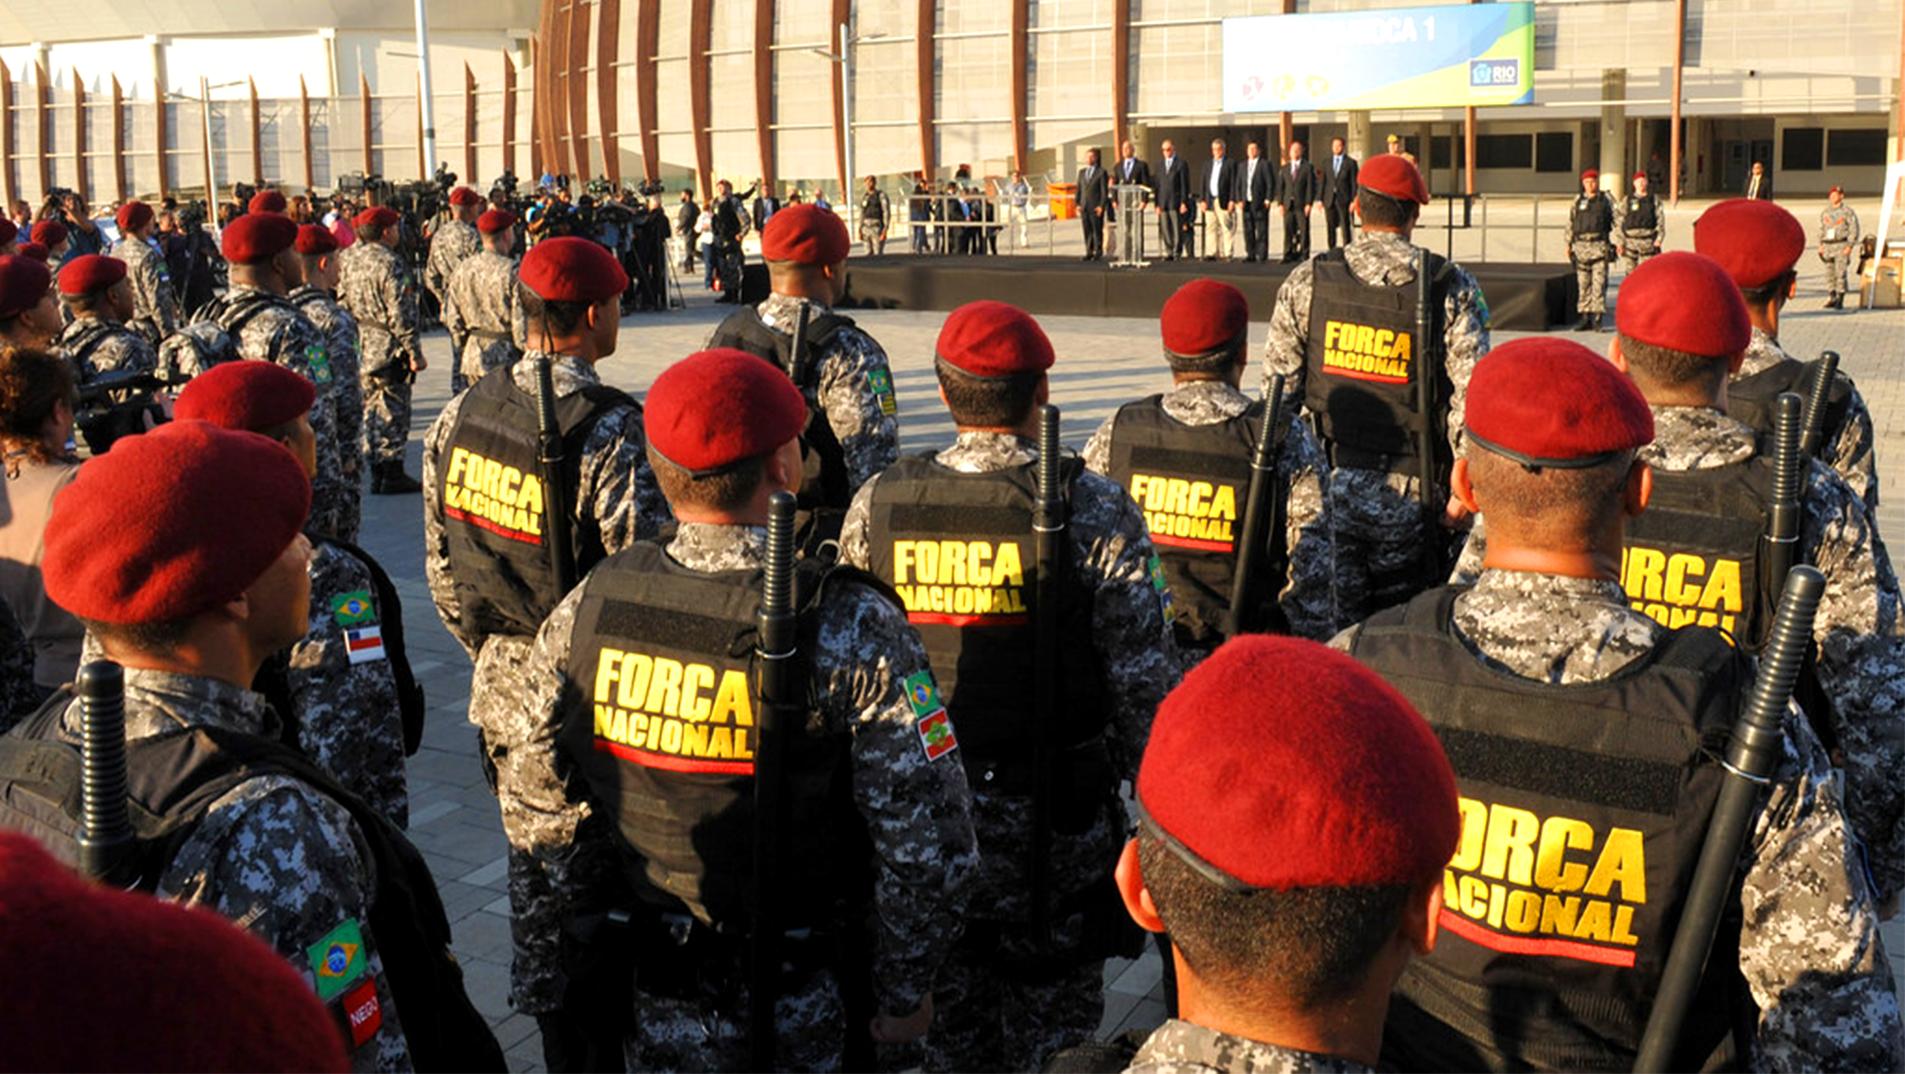 Apresentação da tropa da Força Nacional nas Olimpíadas